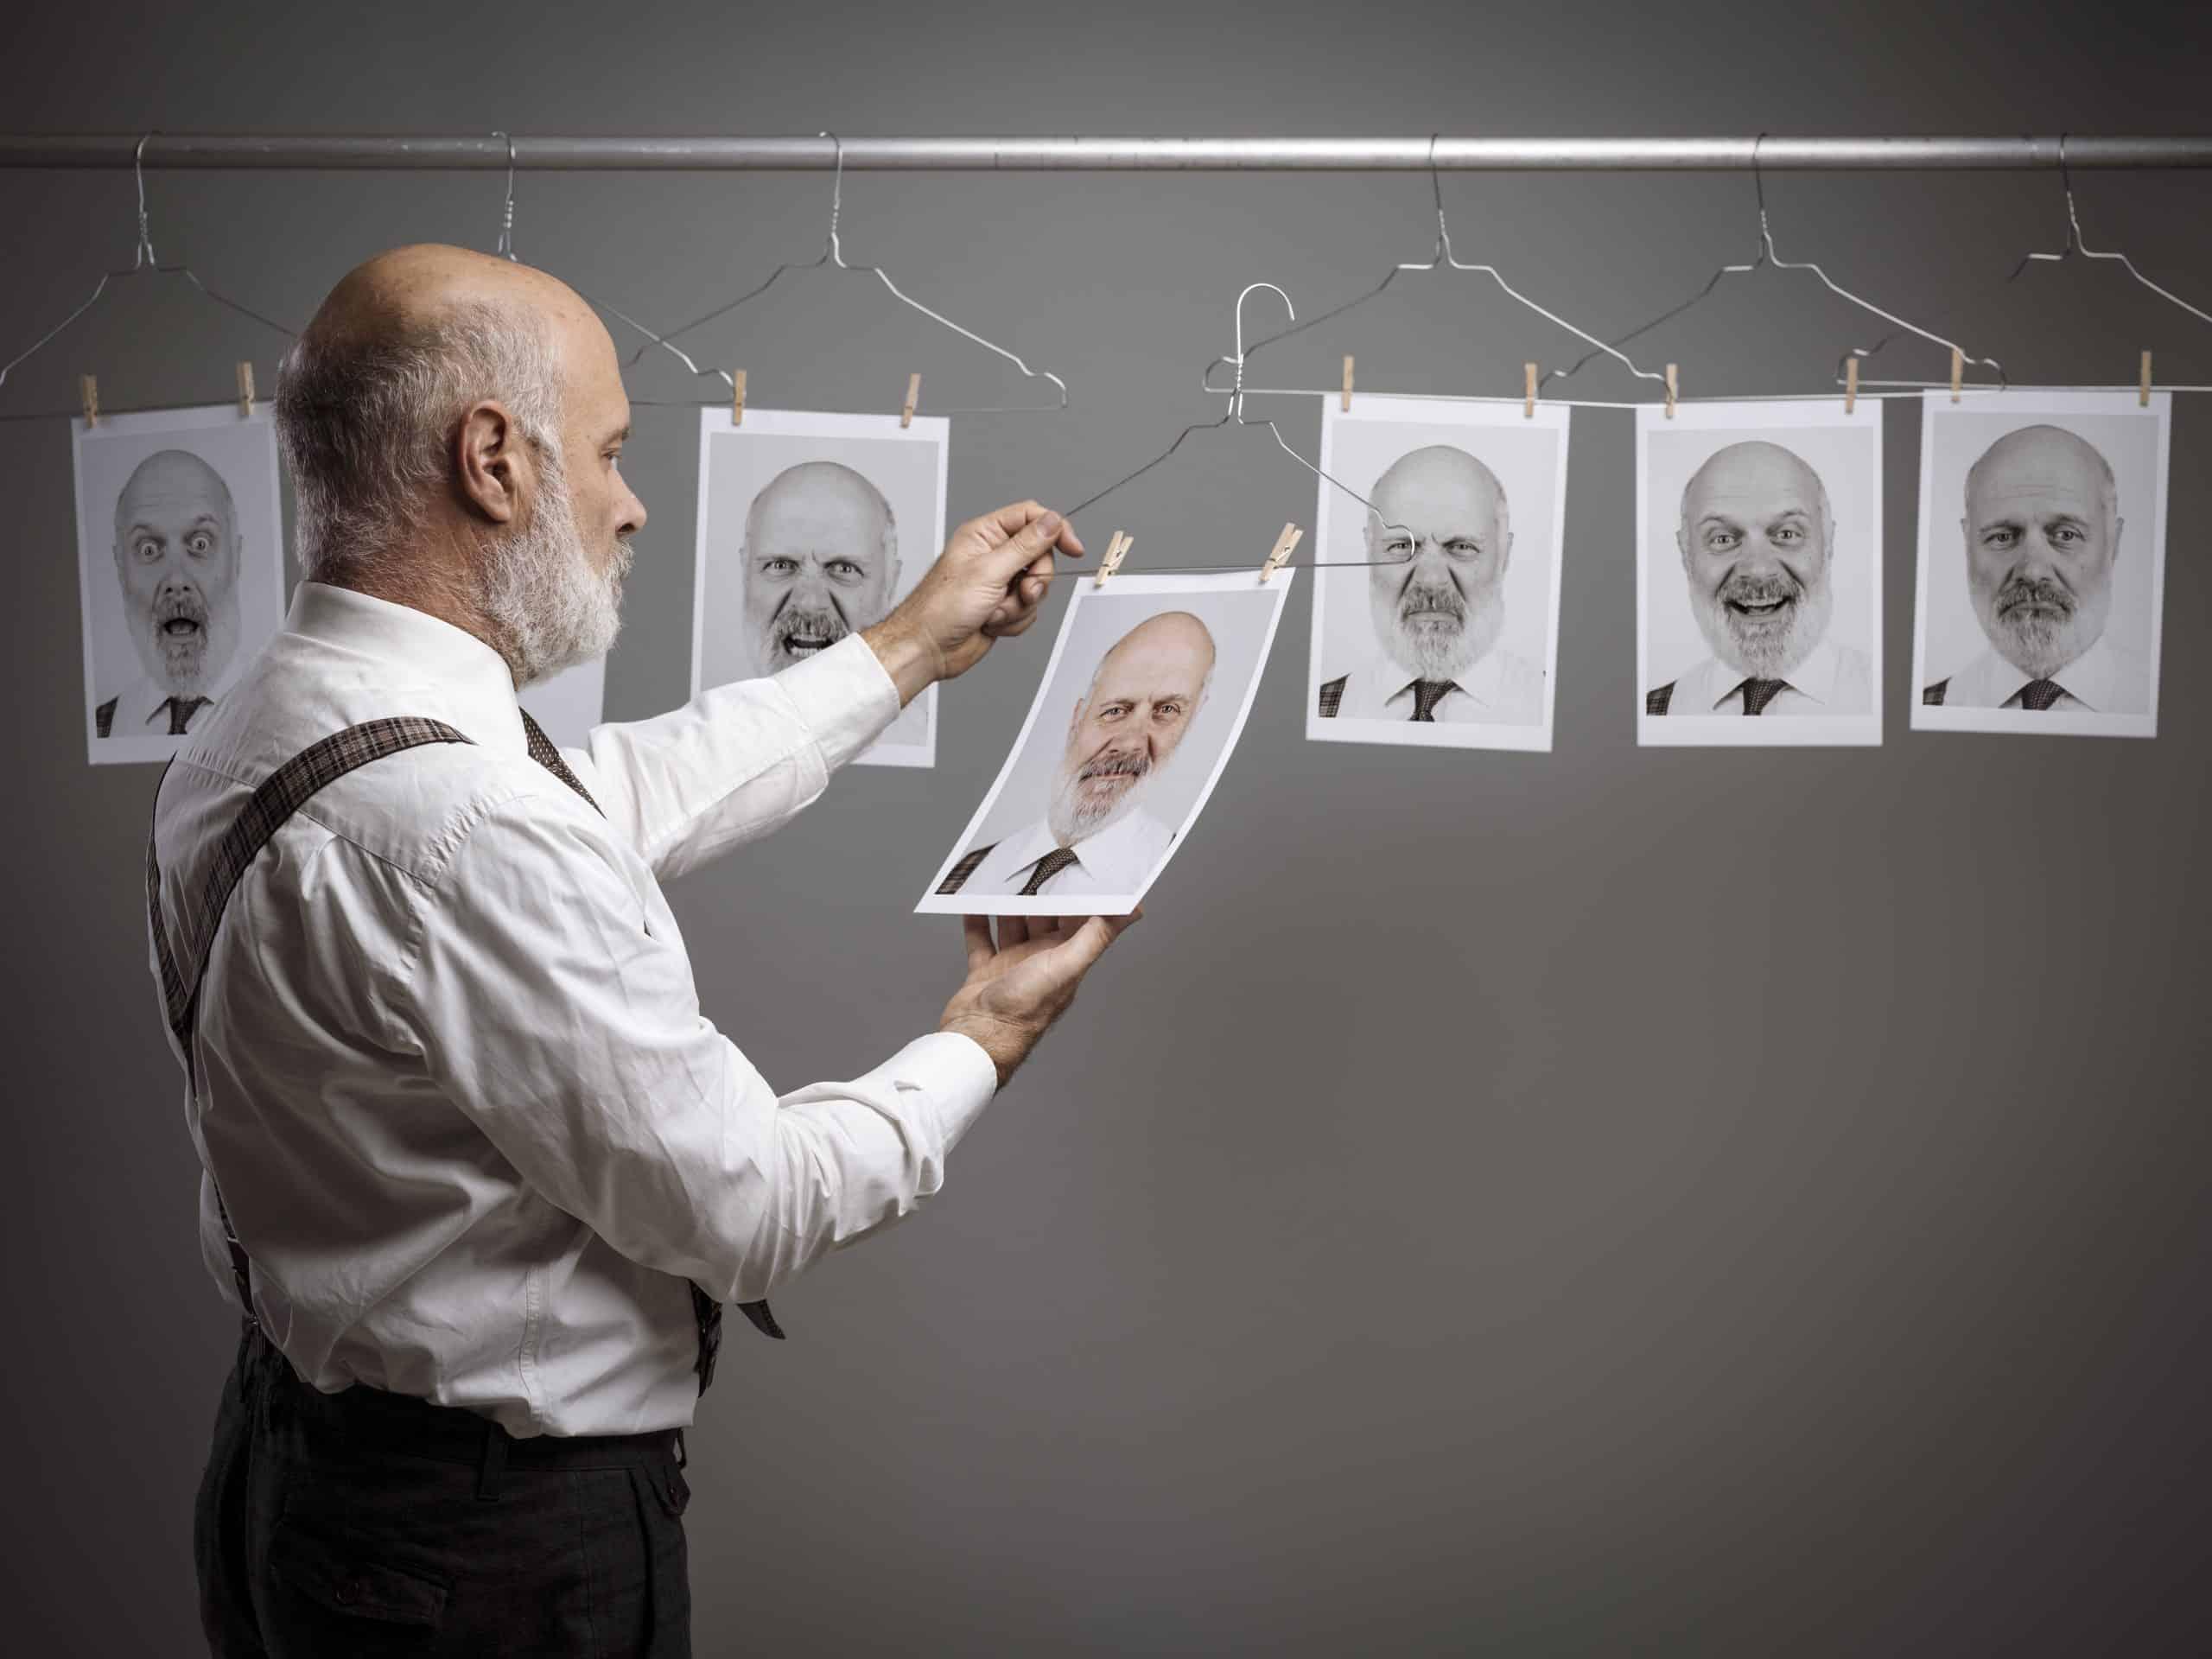 photo d'une personne choisissant une photo parmi d'autre représentant la sélection d'un profil de débiteur